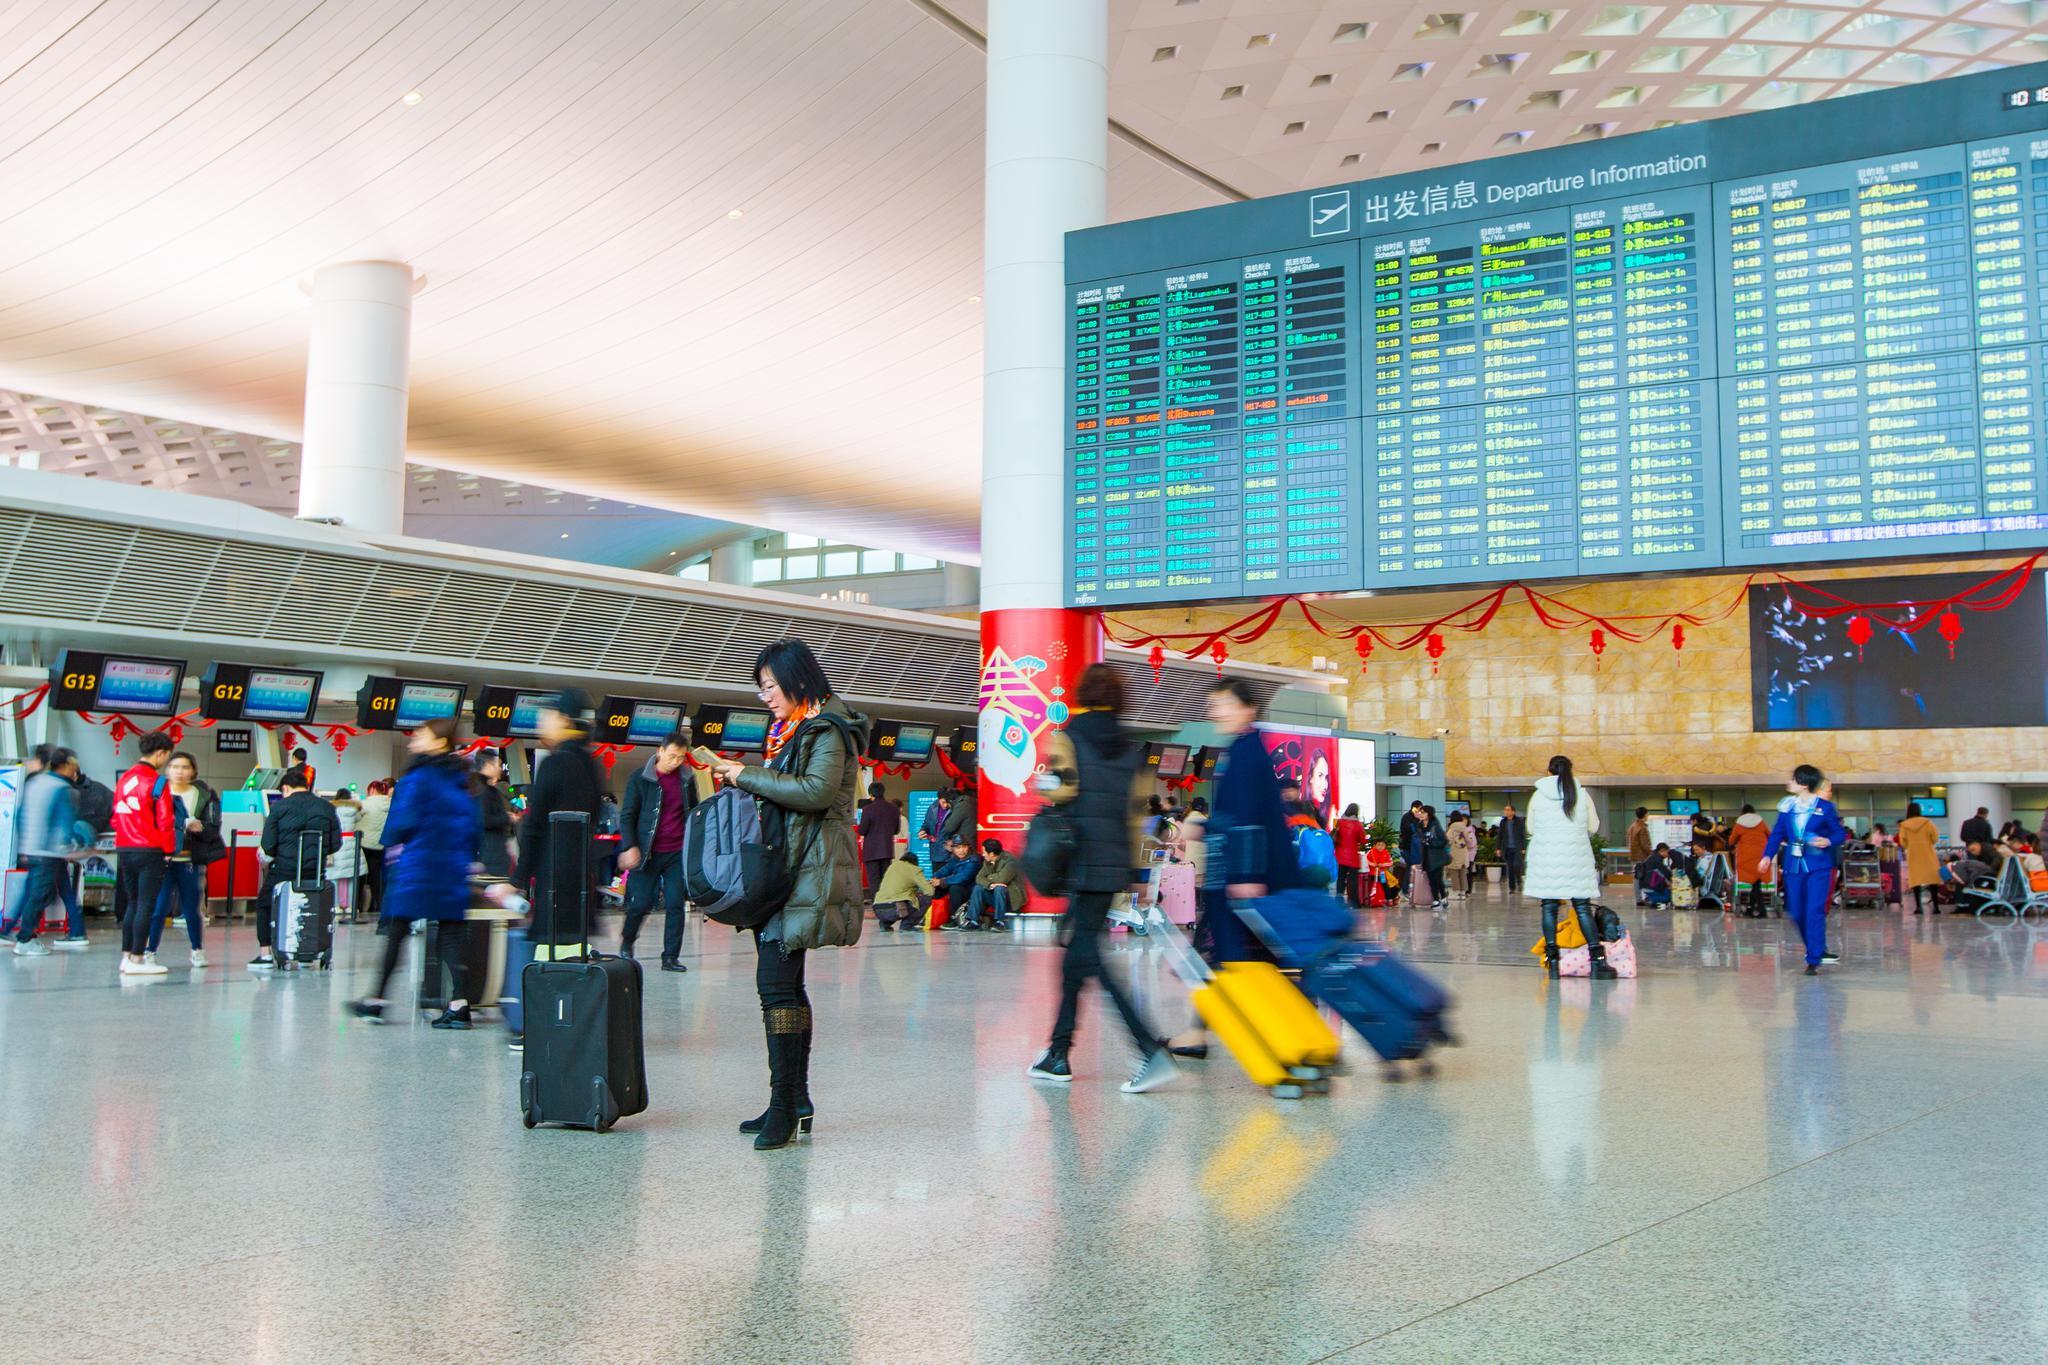 杭州萧山国际机场大厅正在被装扮新年饰品